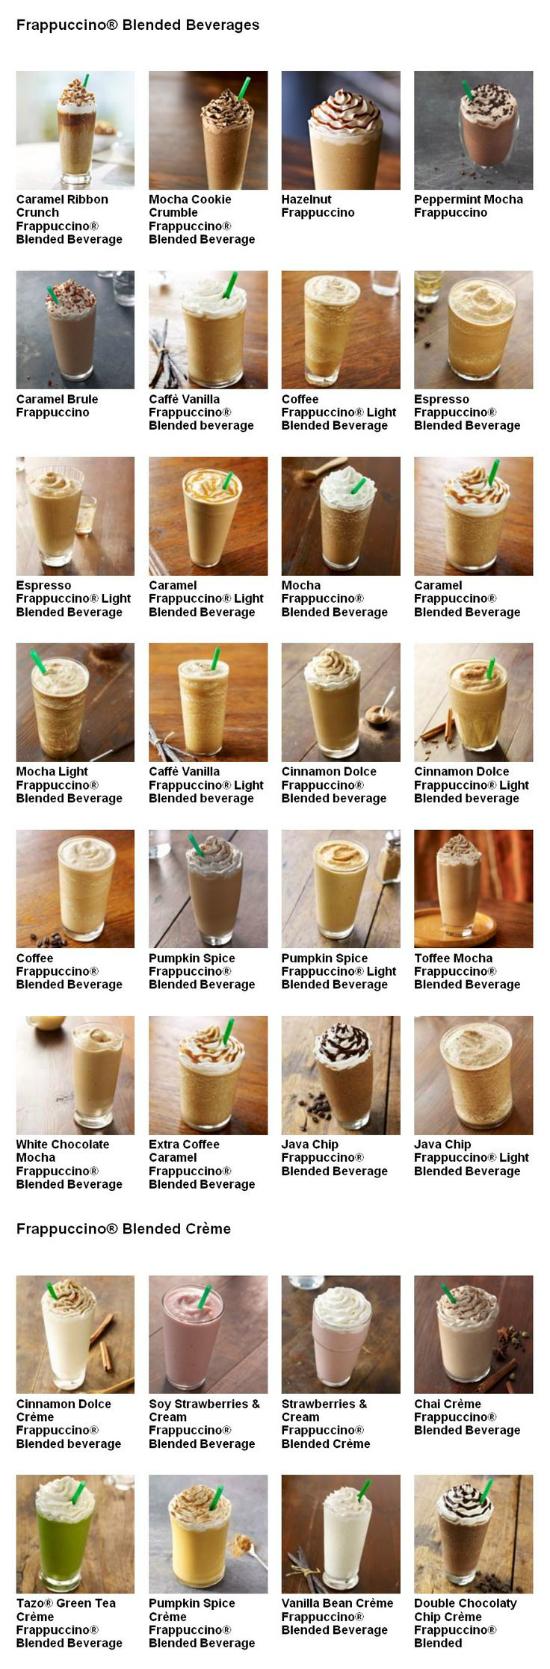 Starbucks Frappuccino Menu